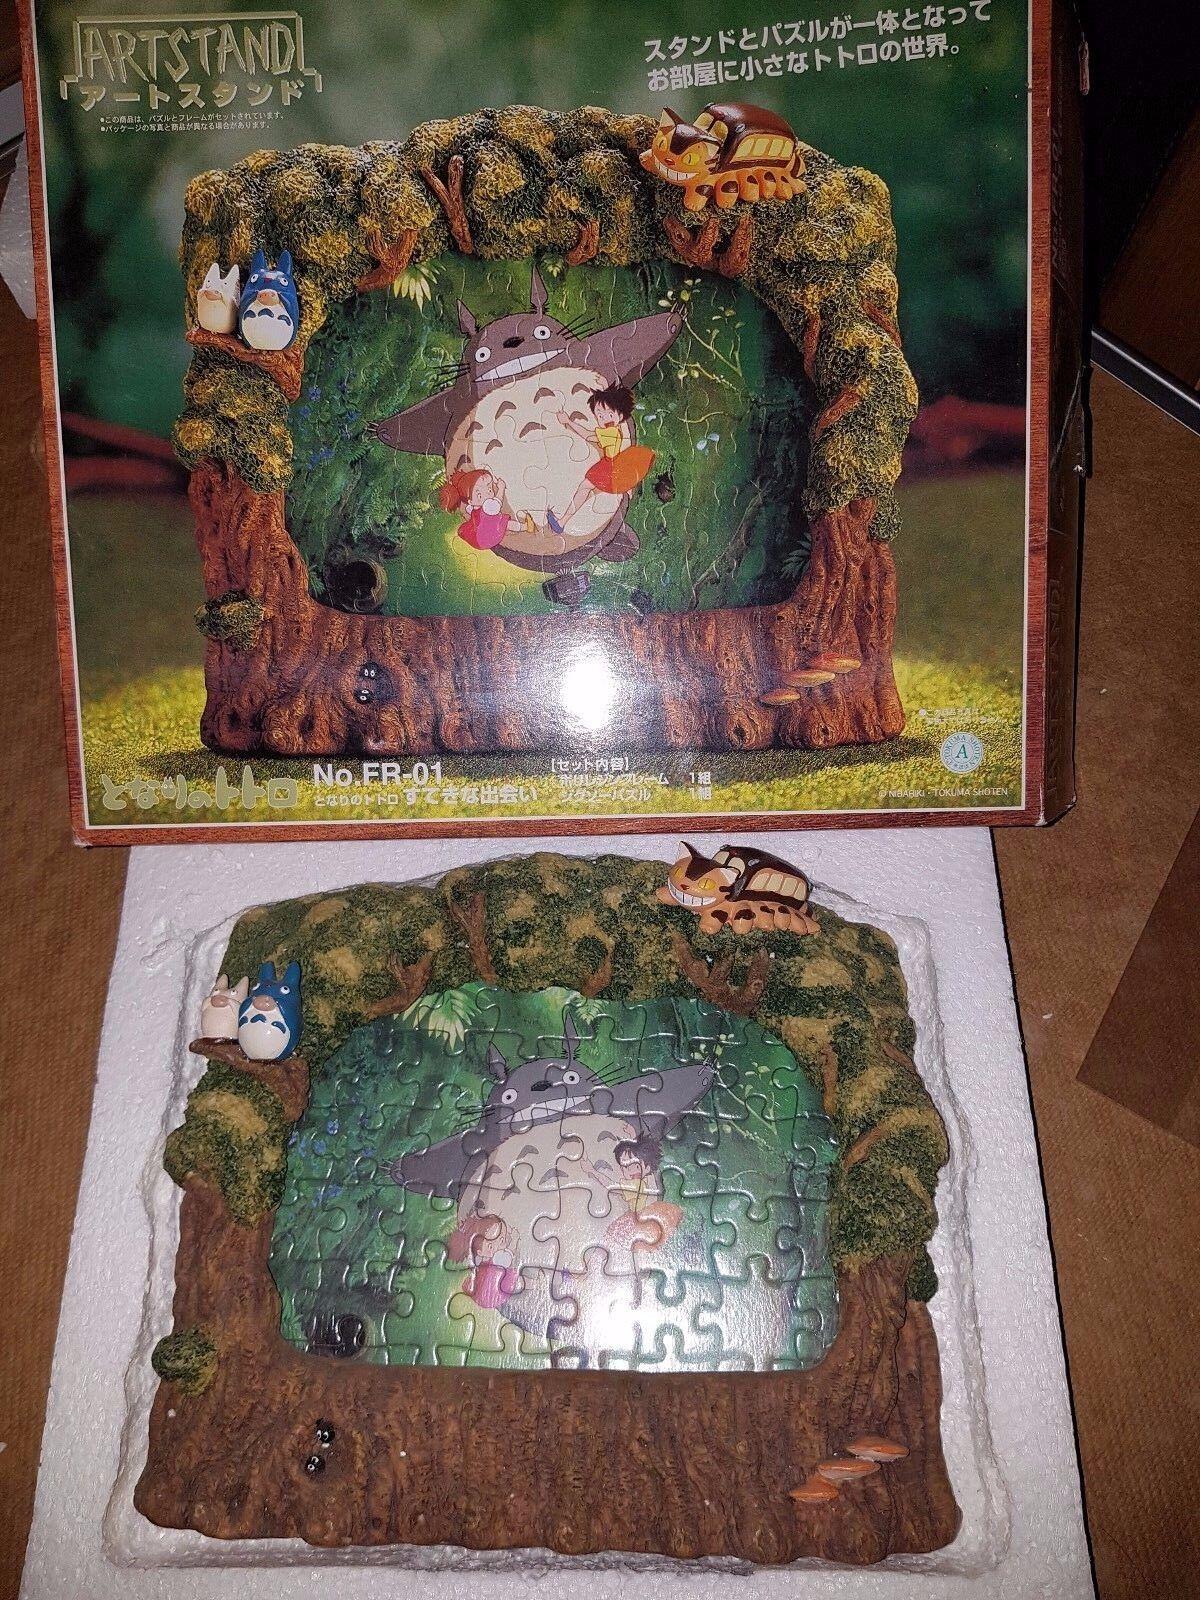 Ghibli Totoro Voisin neighbor Miyazaki figure art stand Mononoke Ponyo